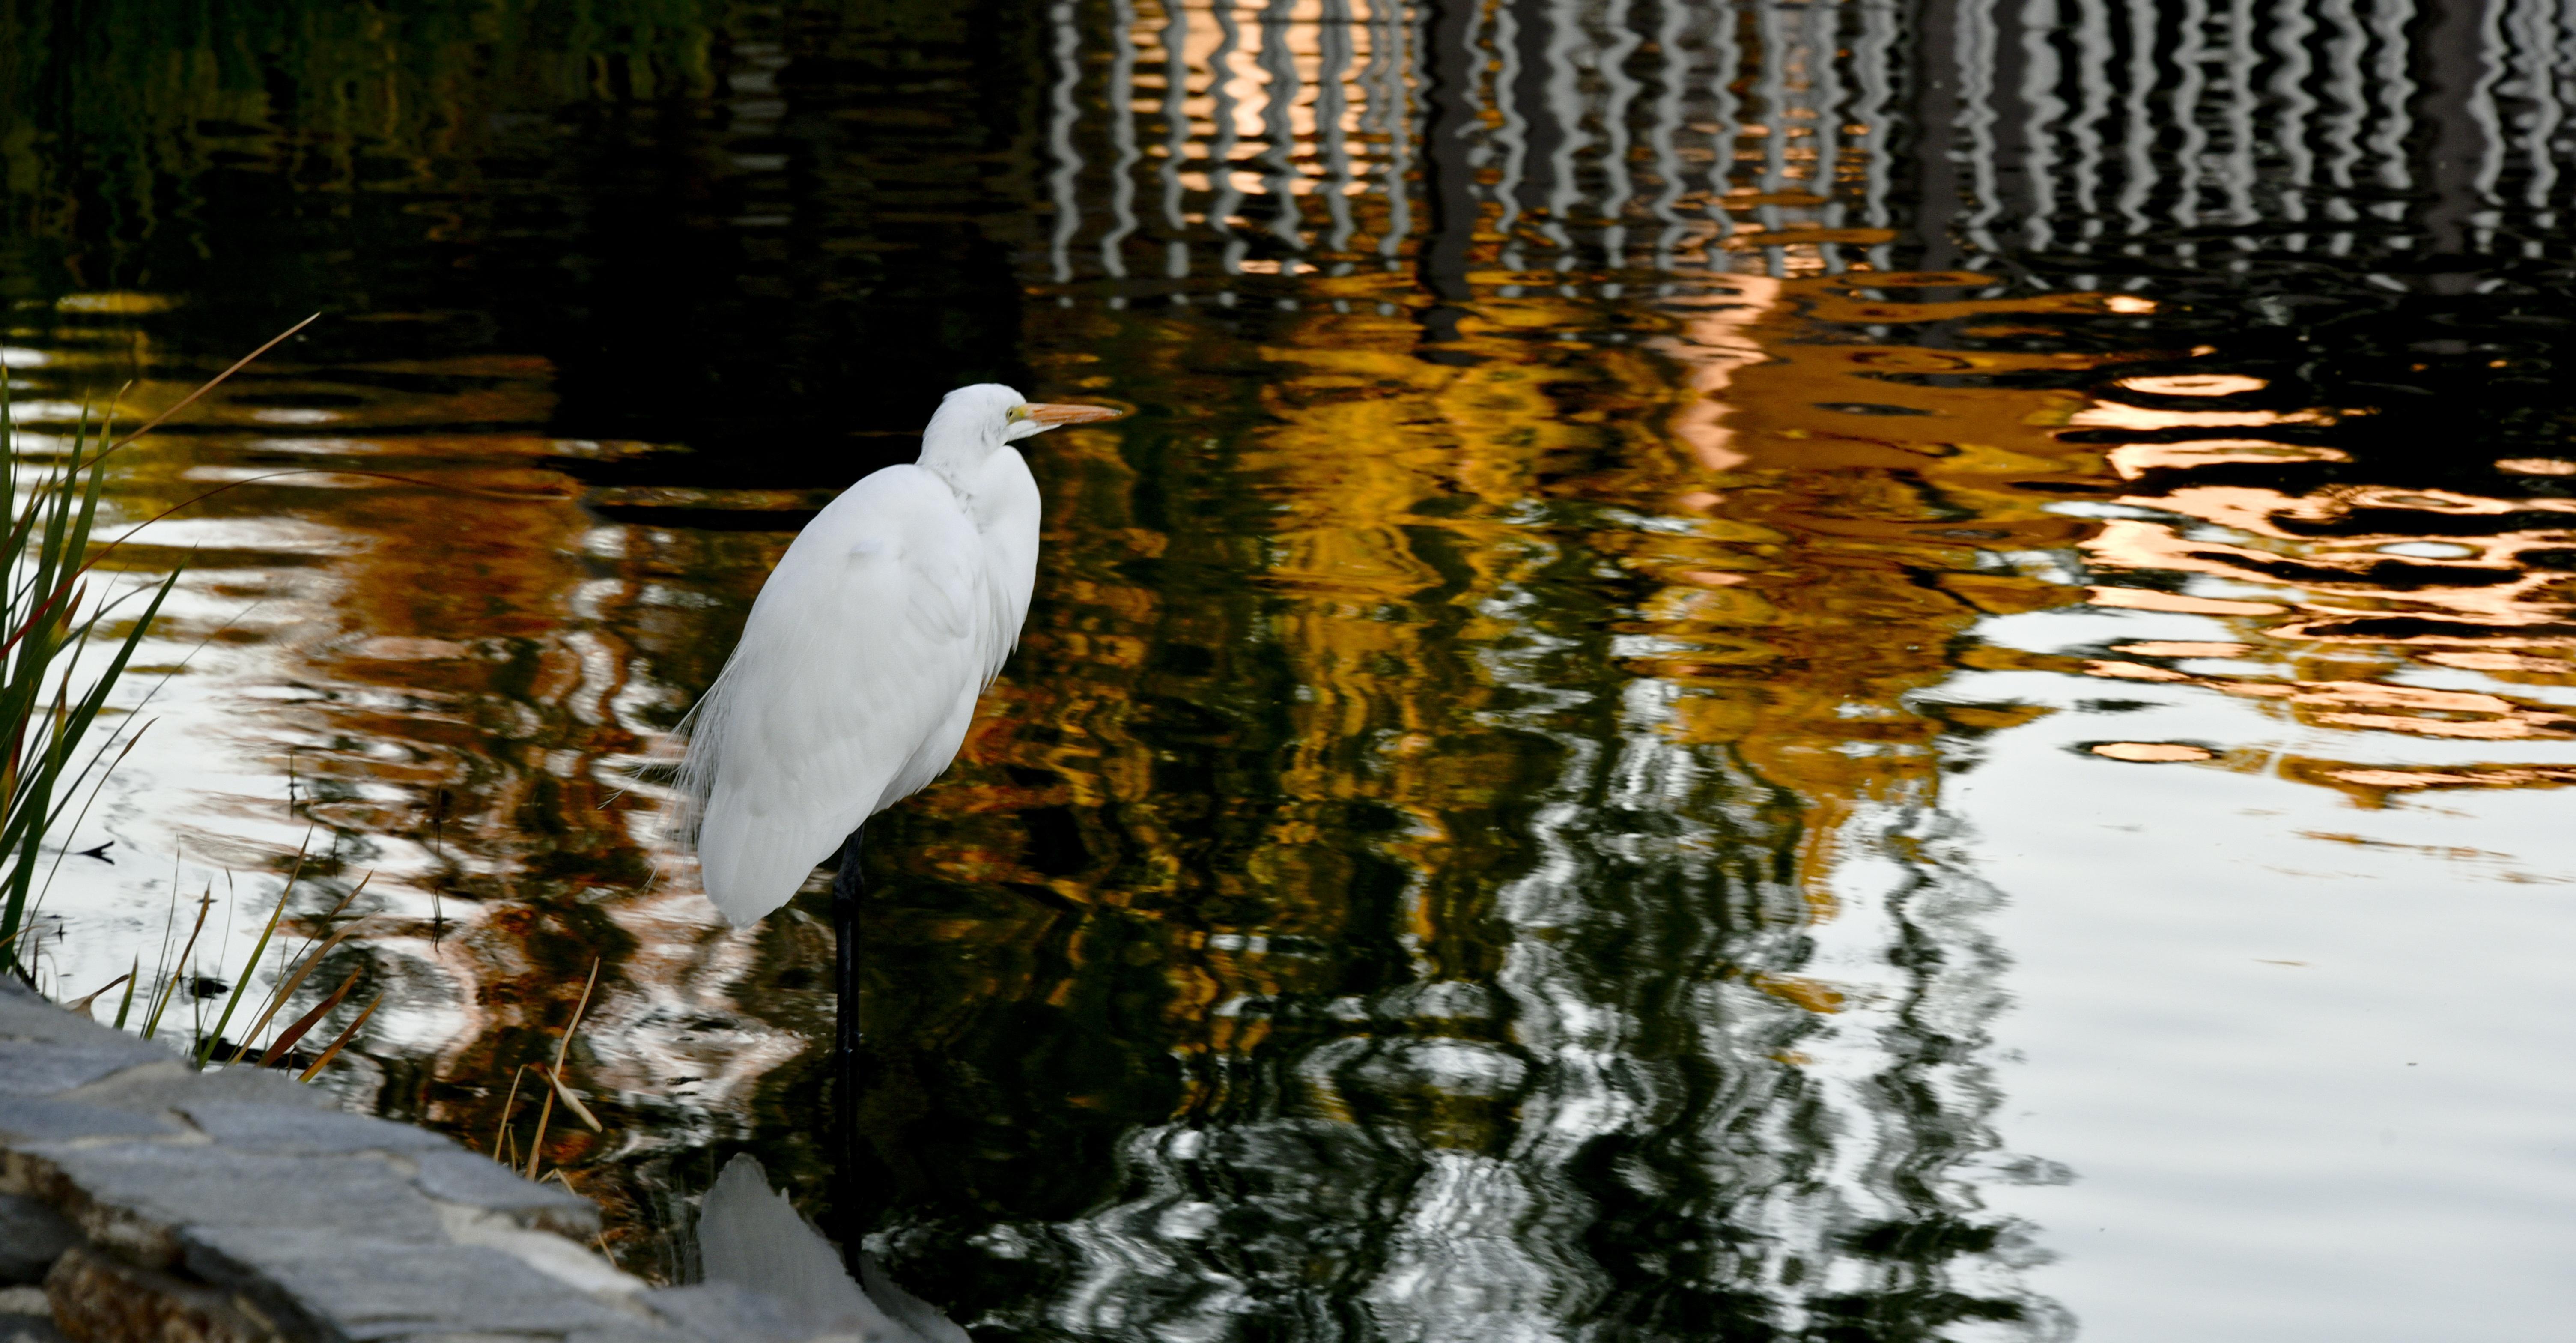 τεράστιο λευκό πουλί εικόνες